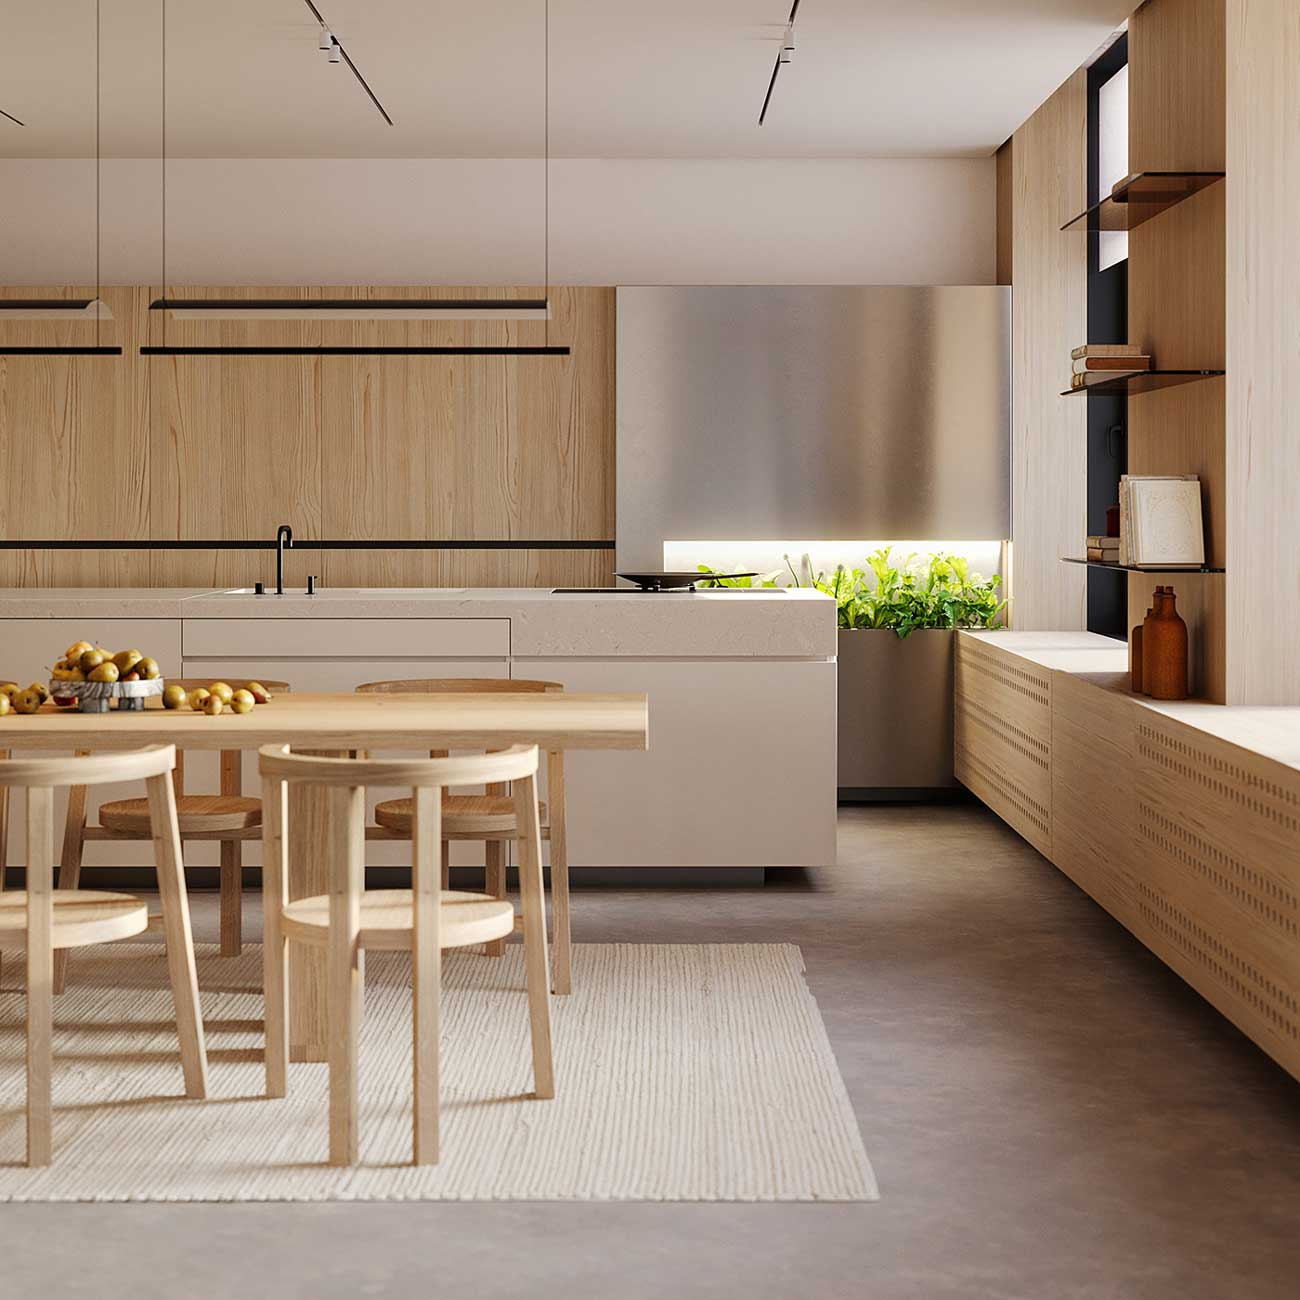 Une cuisine lumineuse avec des meubles en bois clair et une alcôve emplie de plantes